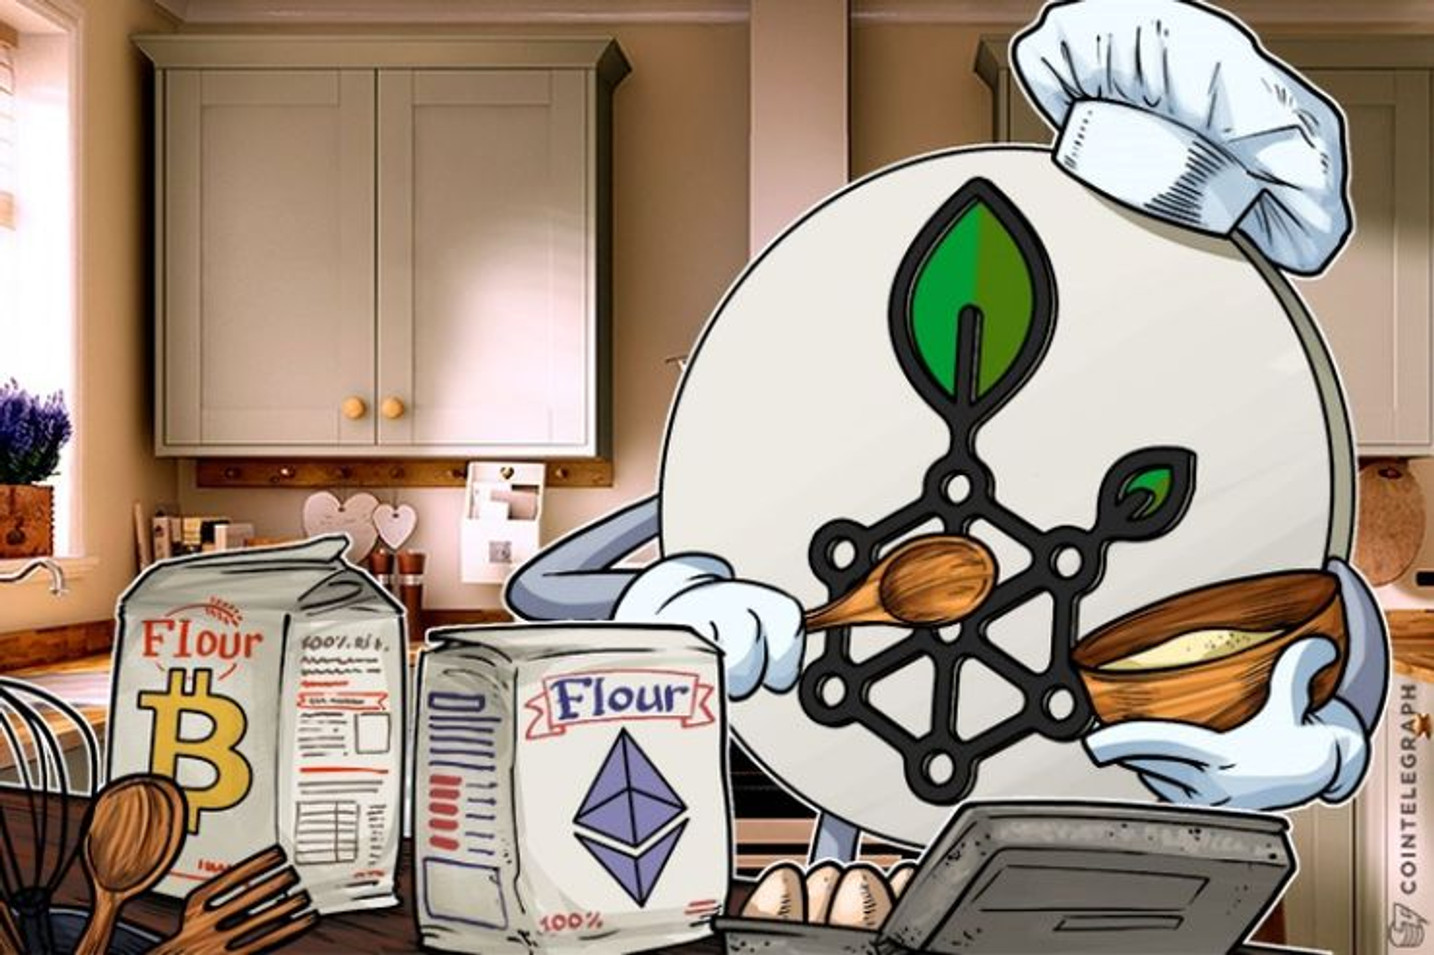 Investoland se asoció con RSK para desarrollar su red de inversiones descentralizadas sobre la red Bitcoin